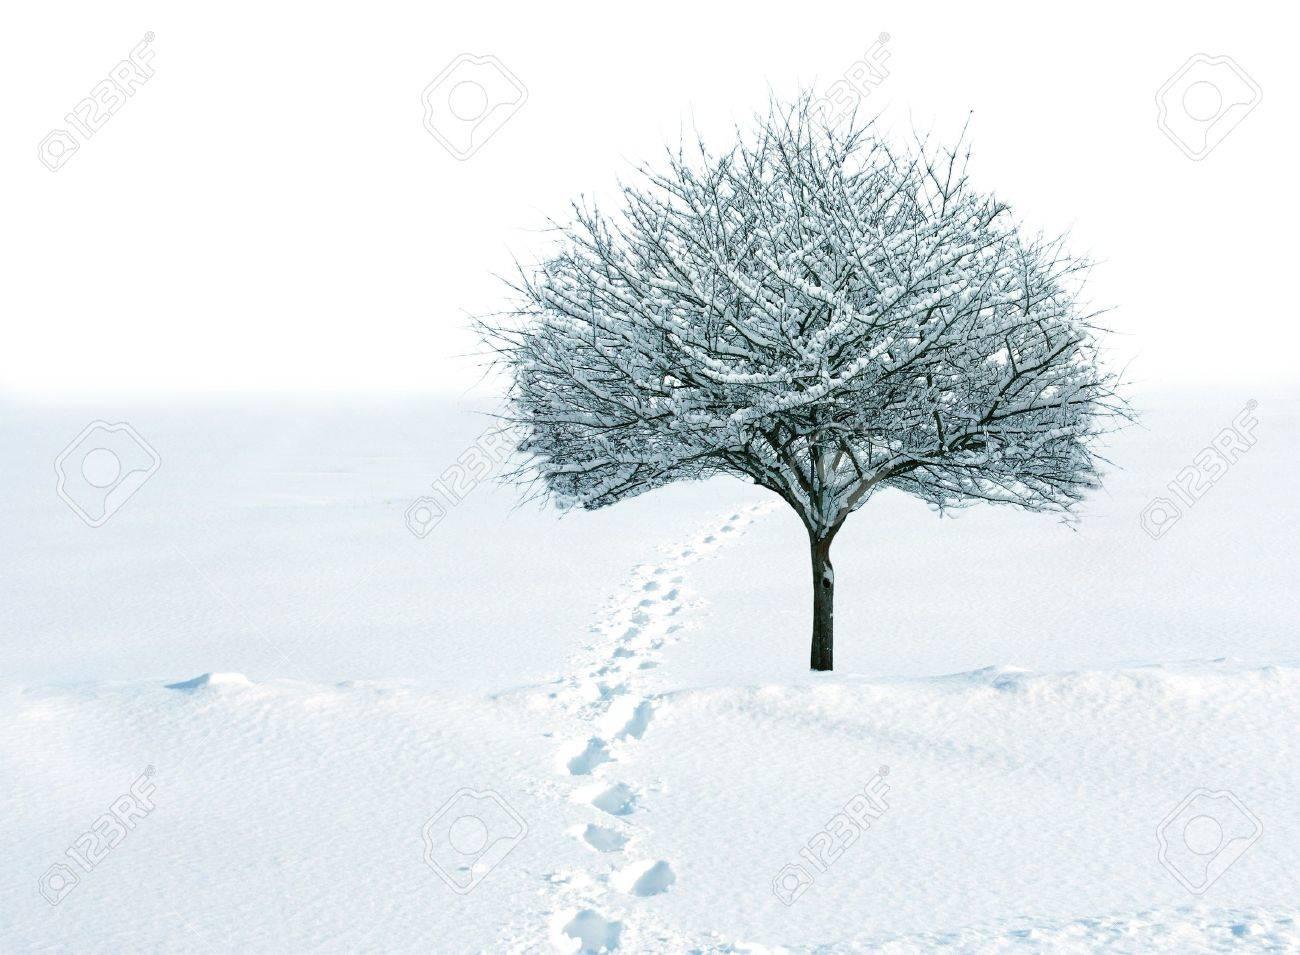 [JEU] 3 images = 1 film - Page 8 4247148-Cockspur-seul-arbre-dans-le-champ-de-la-neige-avec-empreintes-Banque-d'images